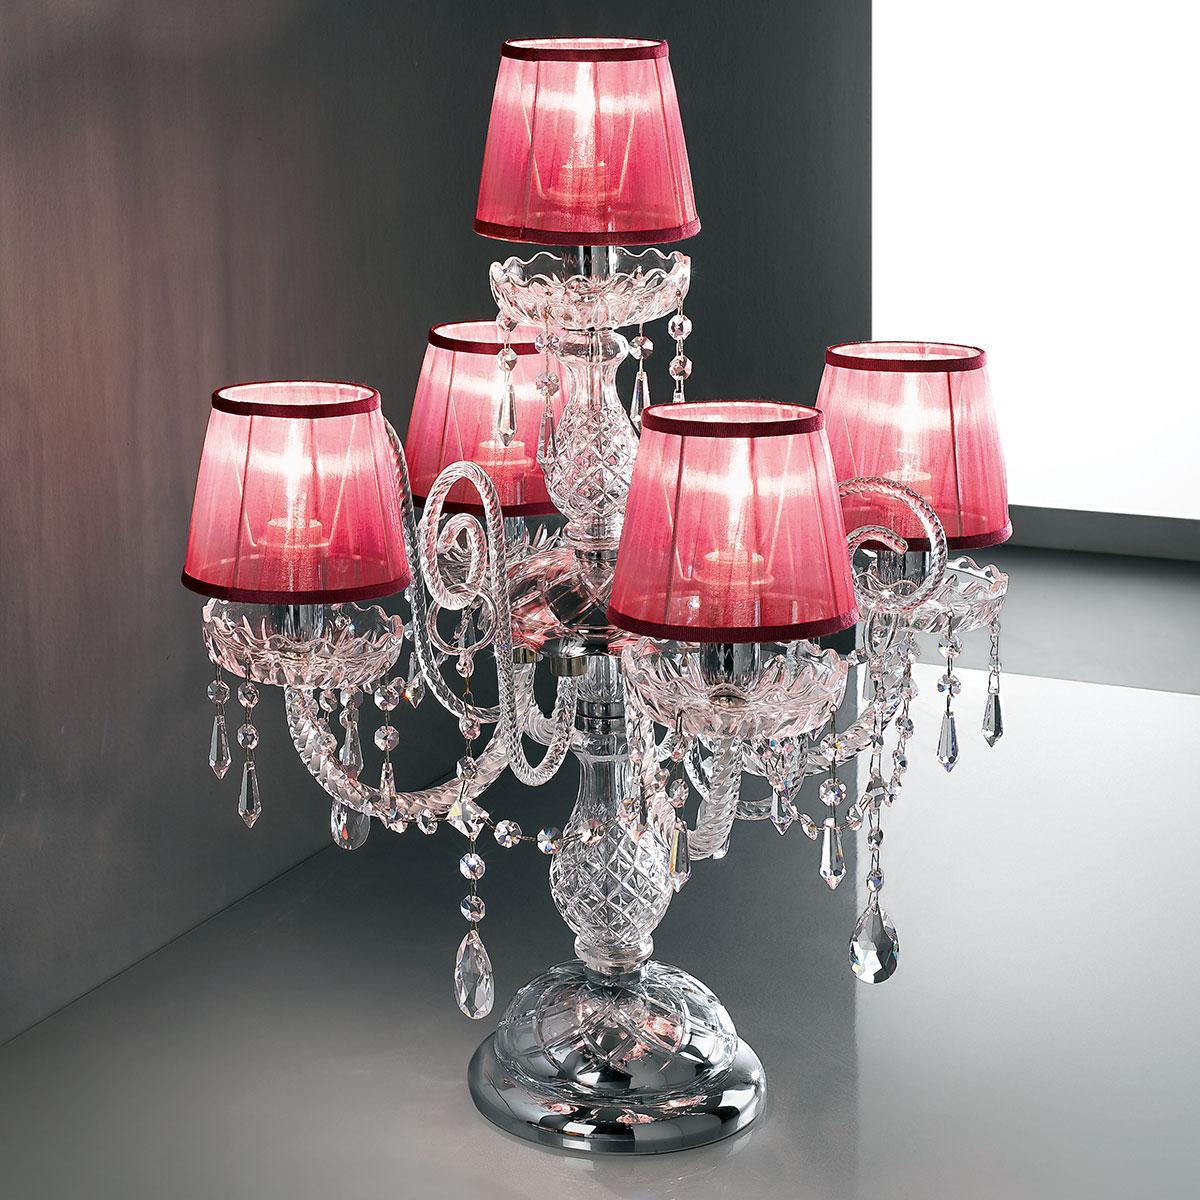 """""""Signorini"""" venezianischer kristall tischleuchte mit lampenschirmen - 4+1 flammig - transparent mit kristal Asfour"""